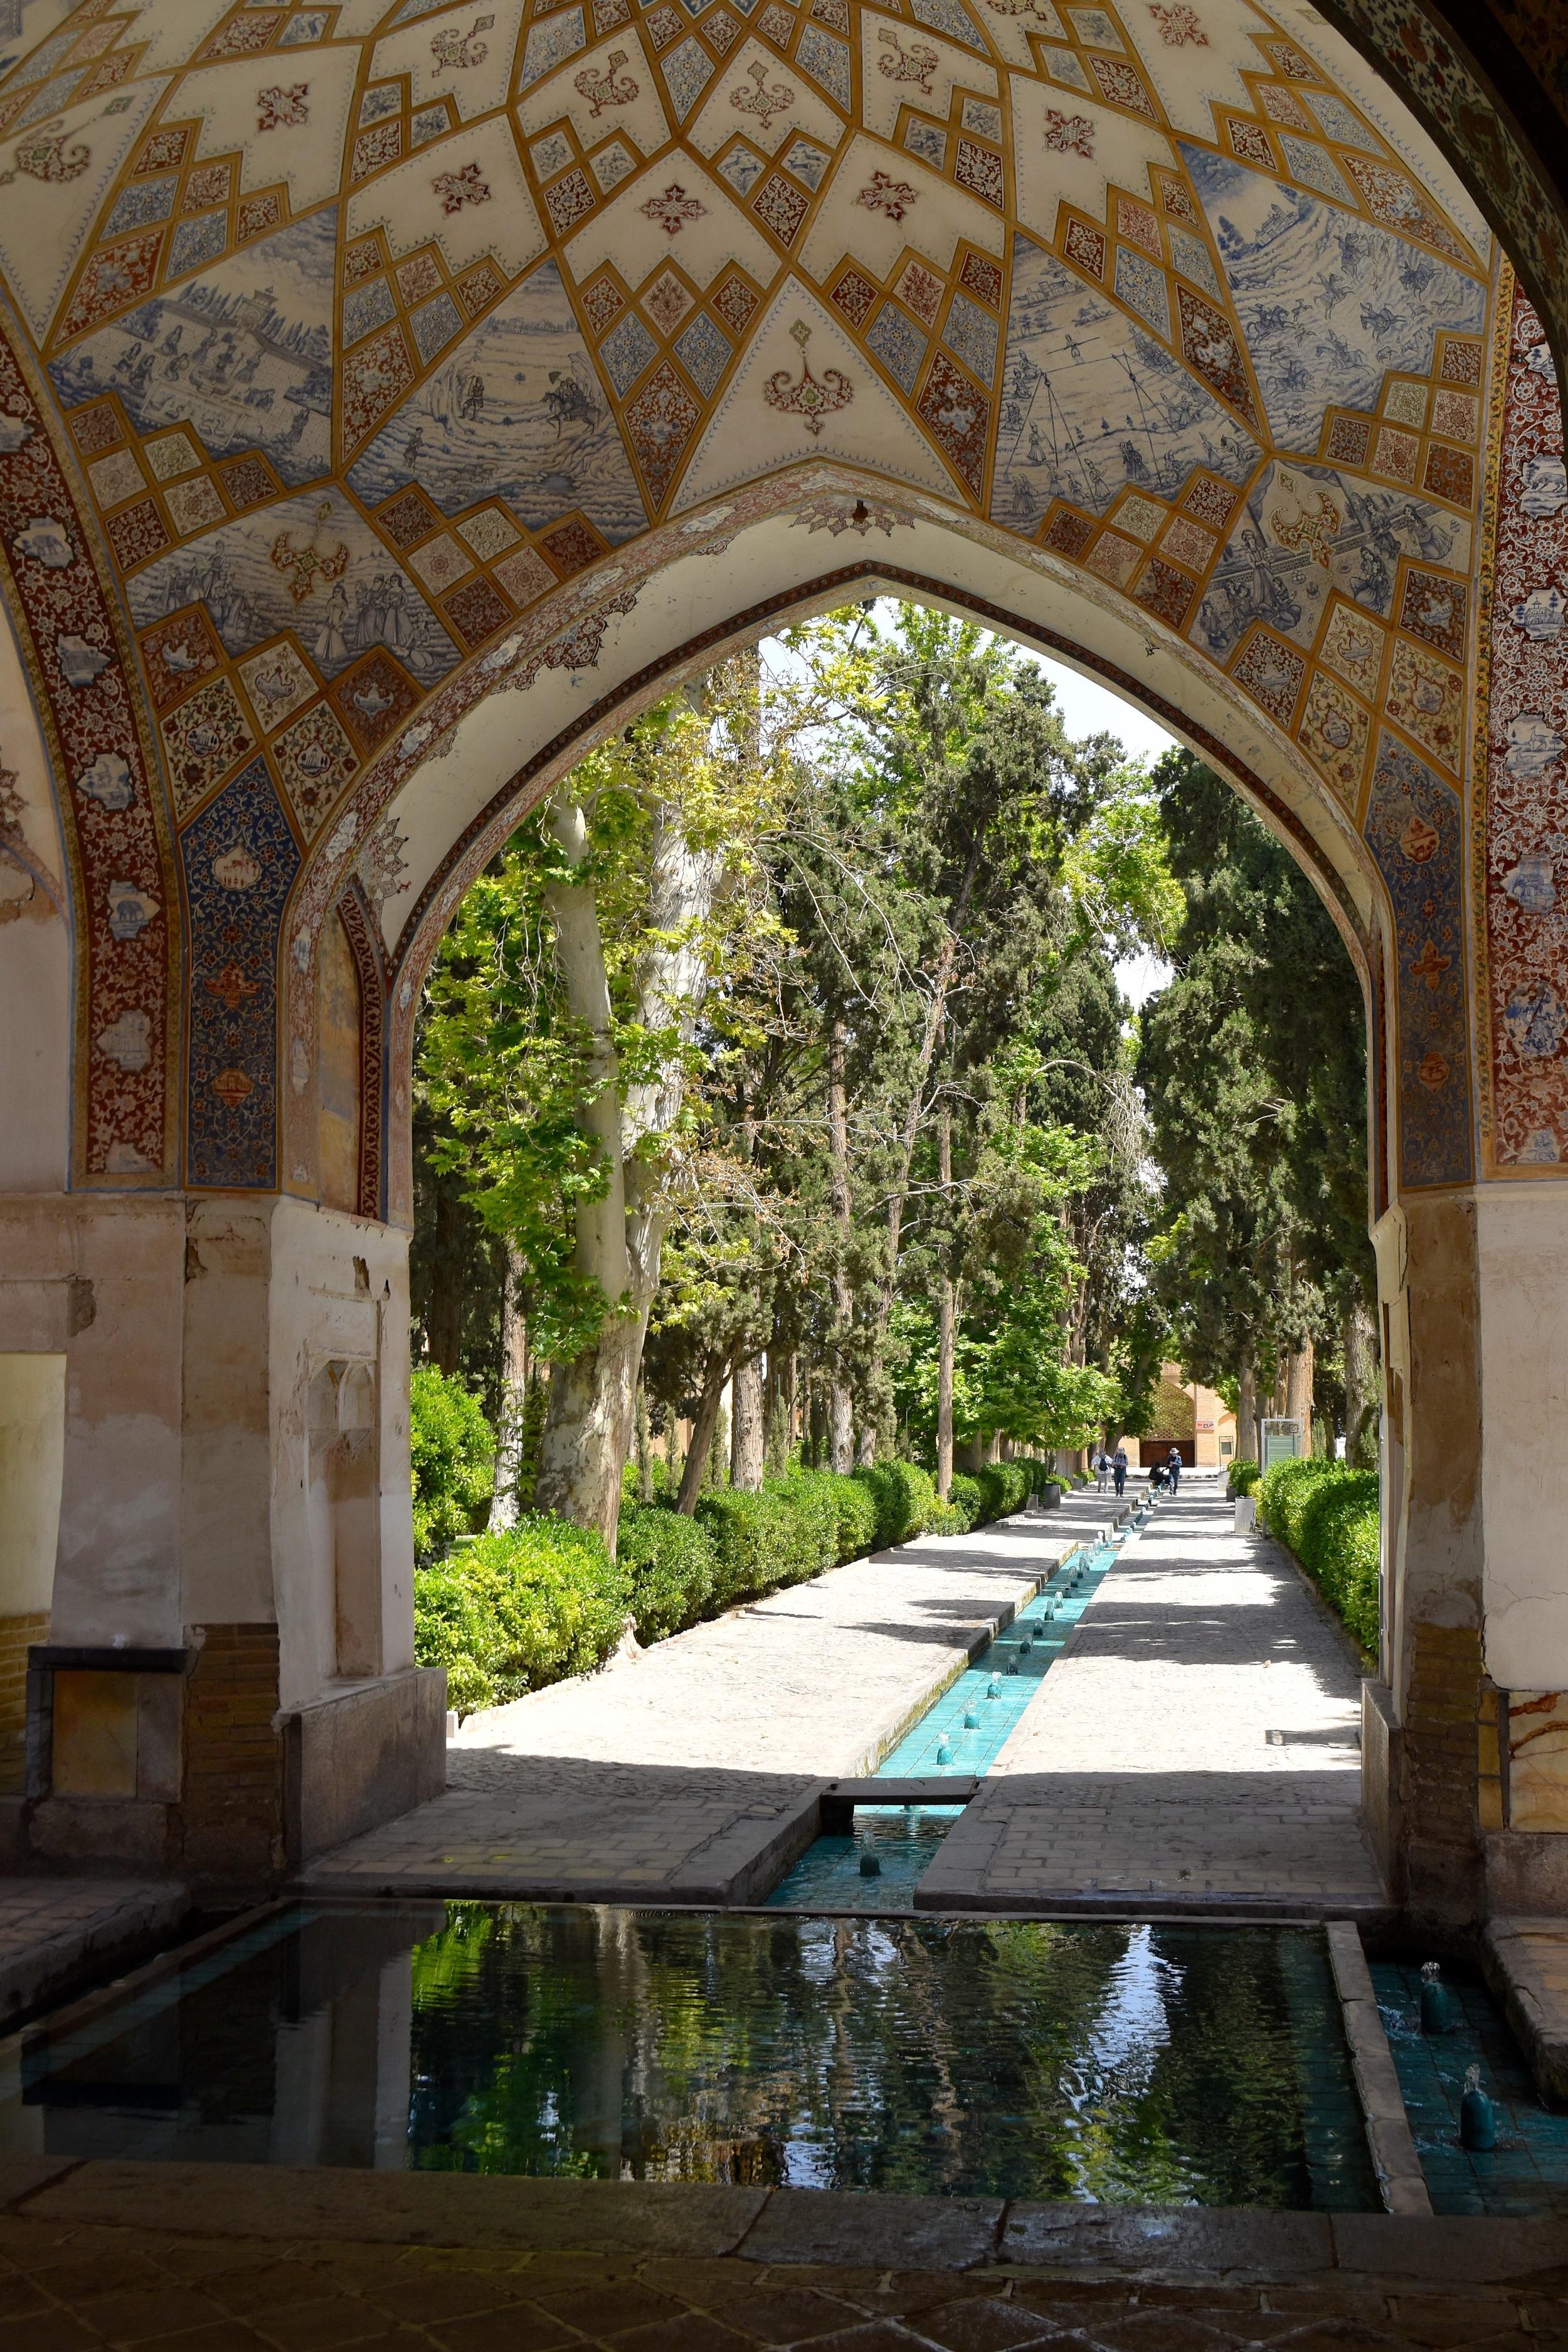 Iran-Kashan-Fin-garden.jpg